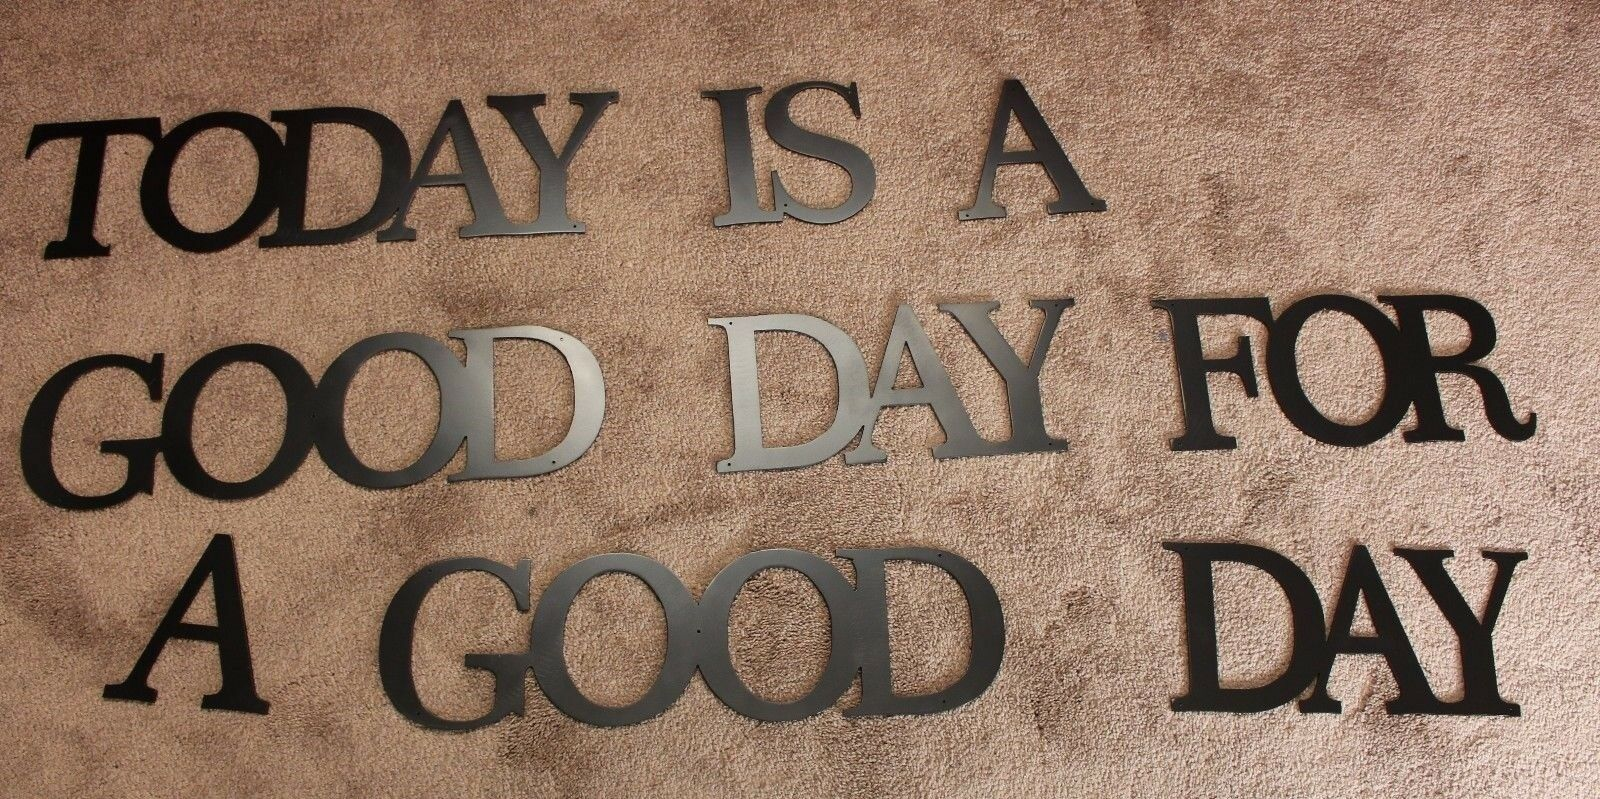 Today Ist Ist Ist A Good Day für A Good Day Schwarz Metall Wandkunst Wörter | Spielzeug mit kindlichen Herzen herstellen  19371e